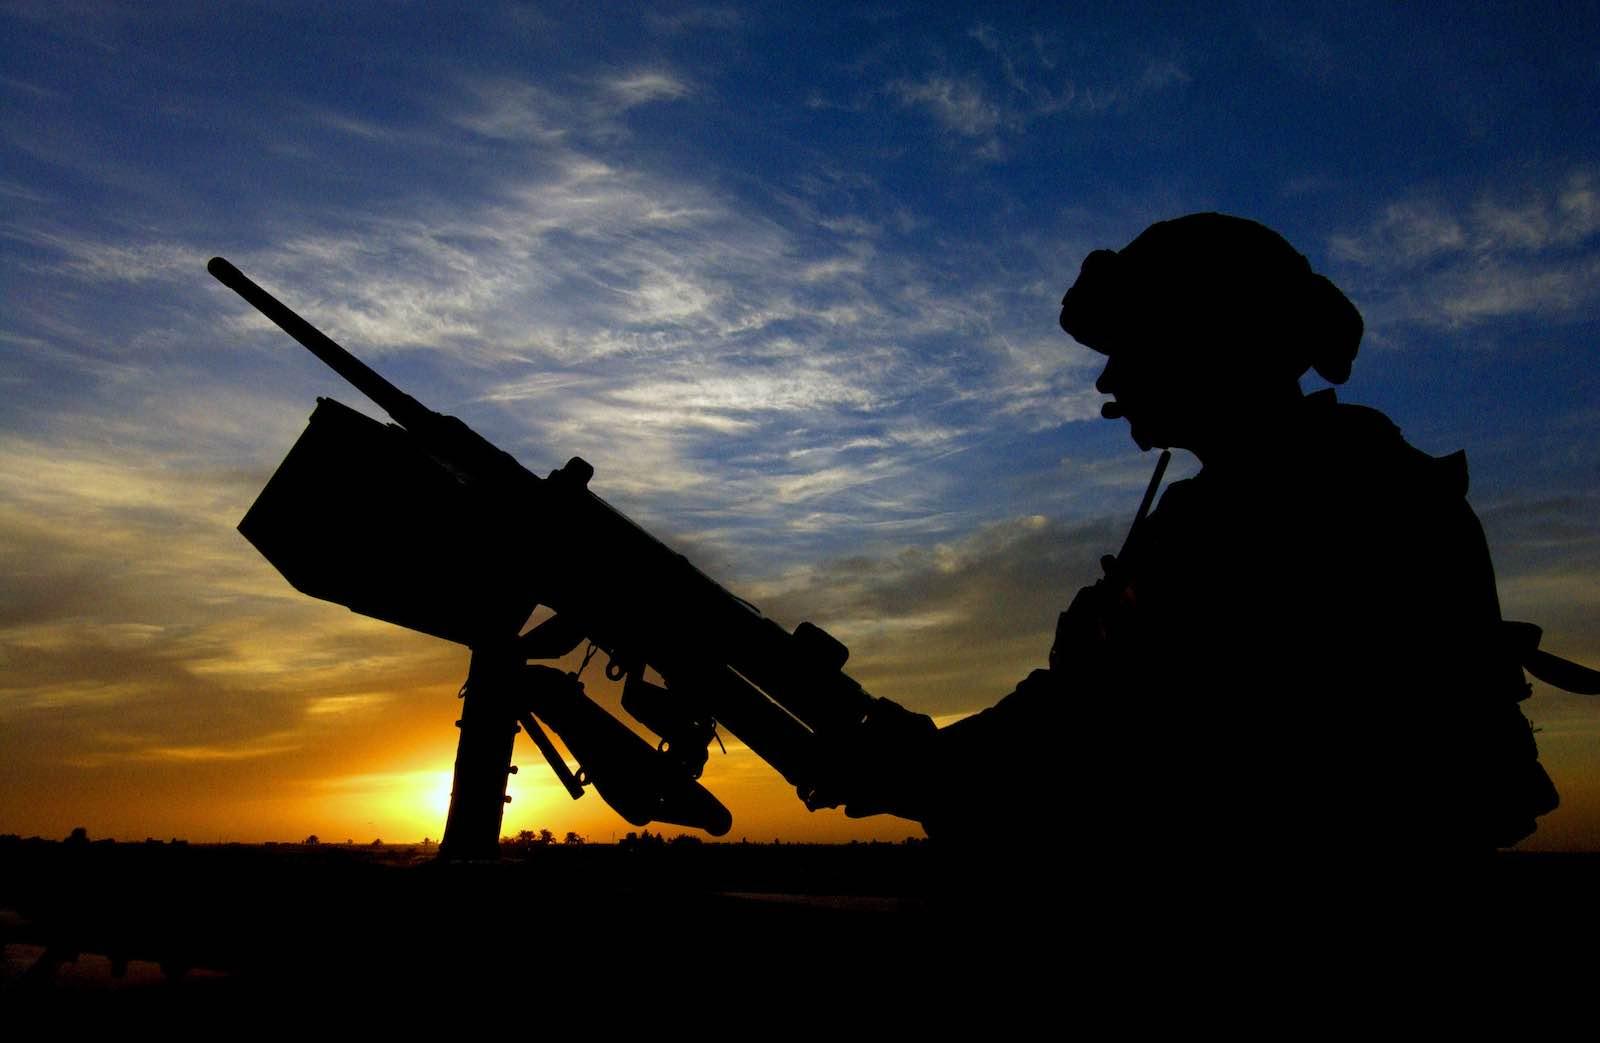 USAF/Flickr